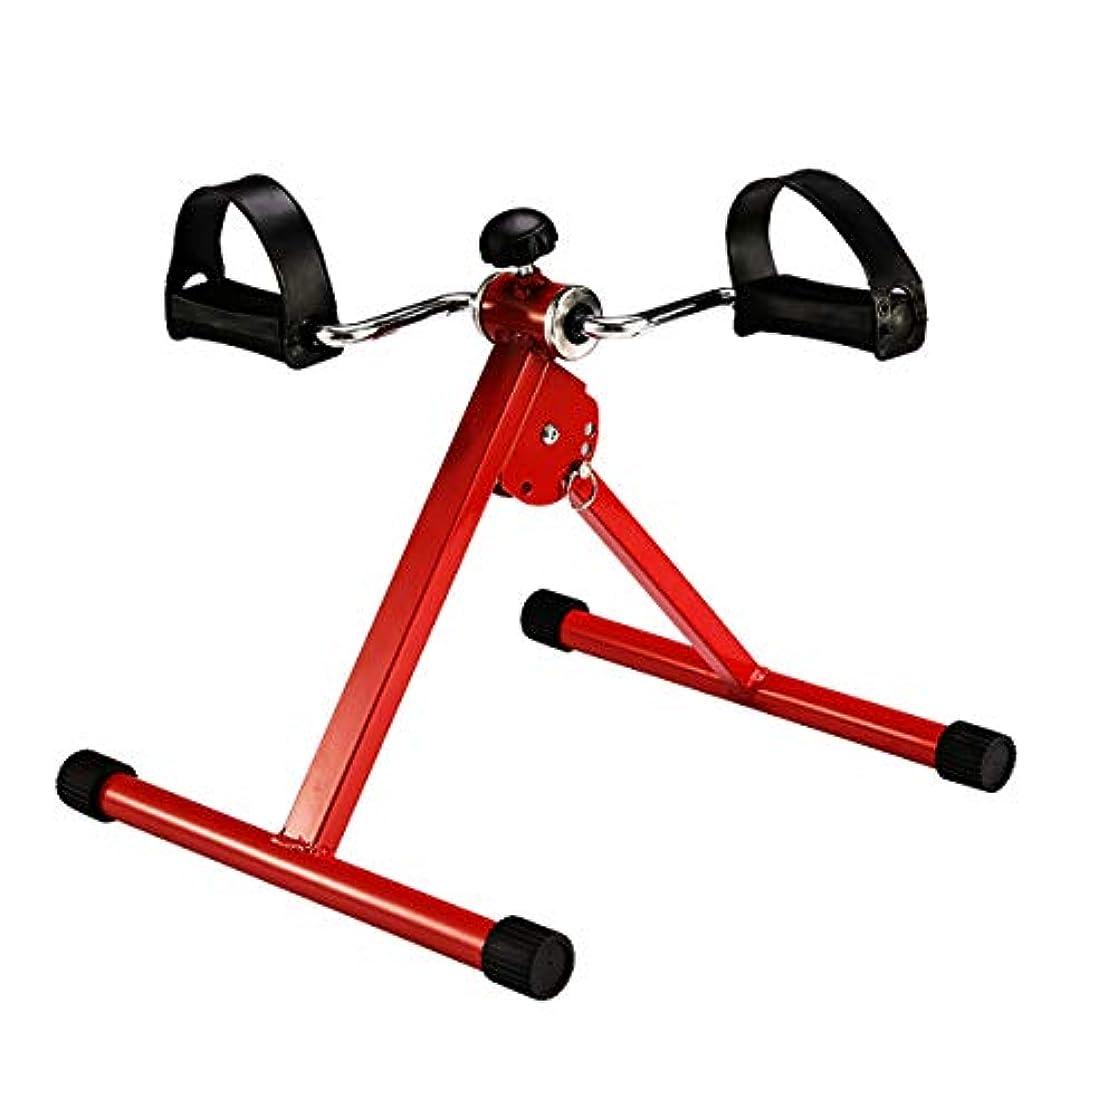 日食振り向く肘ペダルエクササイザー、ホーム理学療法フィットネスミニバイク高齢者身体障害者医療リハビリテーション体操カーディオフィットネストレーナー|ホームトレーナー|スピンエクササイズバイク,A